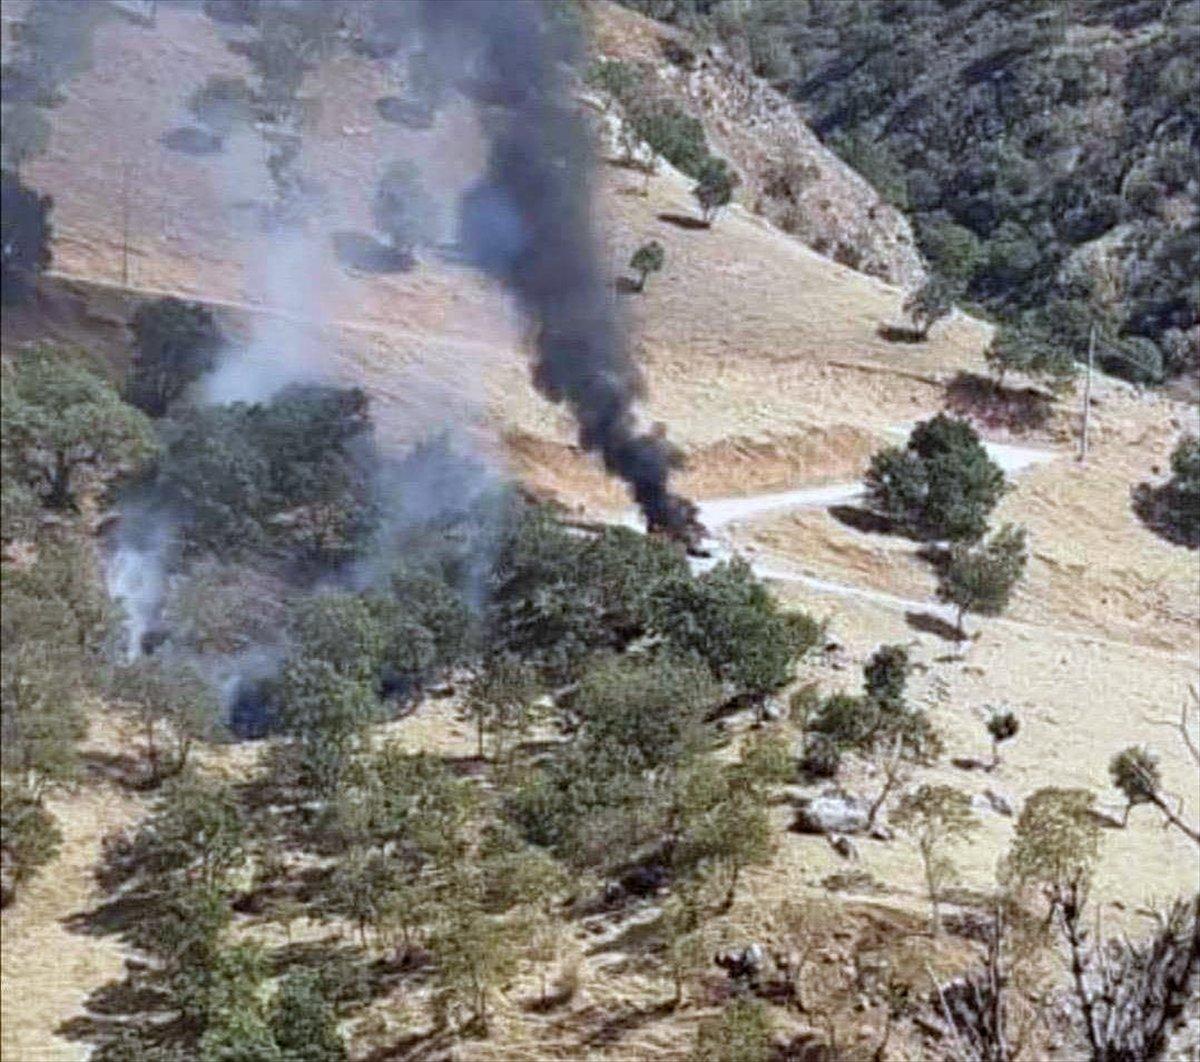 MİT ten Kuzey Irak operasyonu: 3 terörist öldürüldü #1